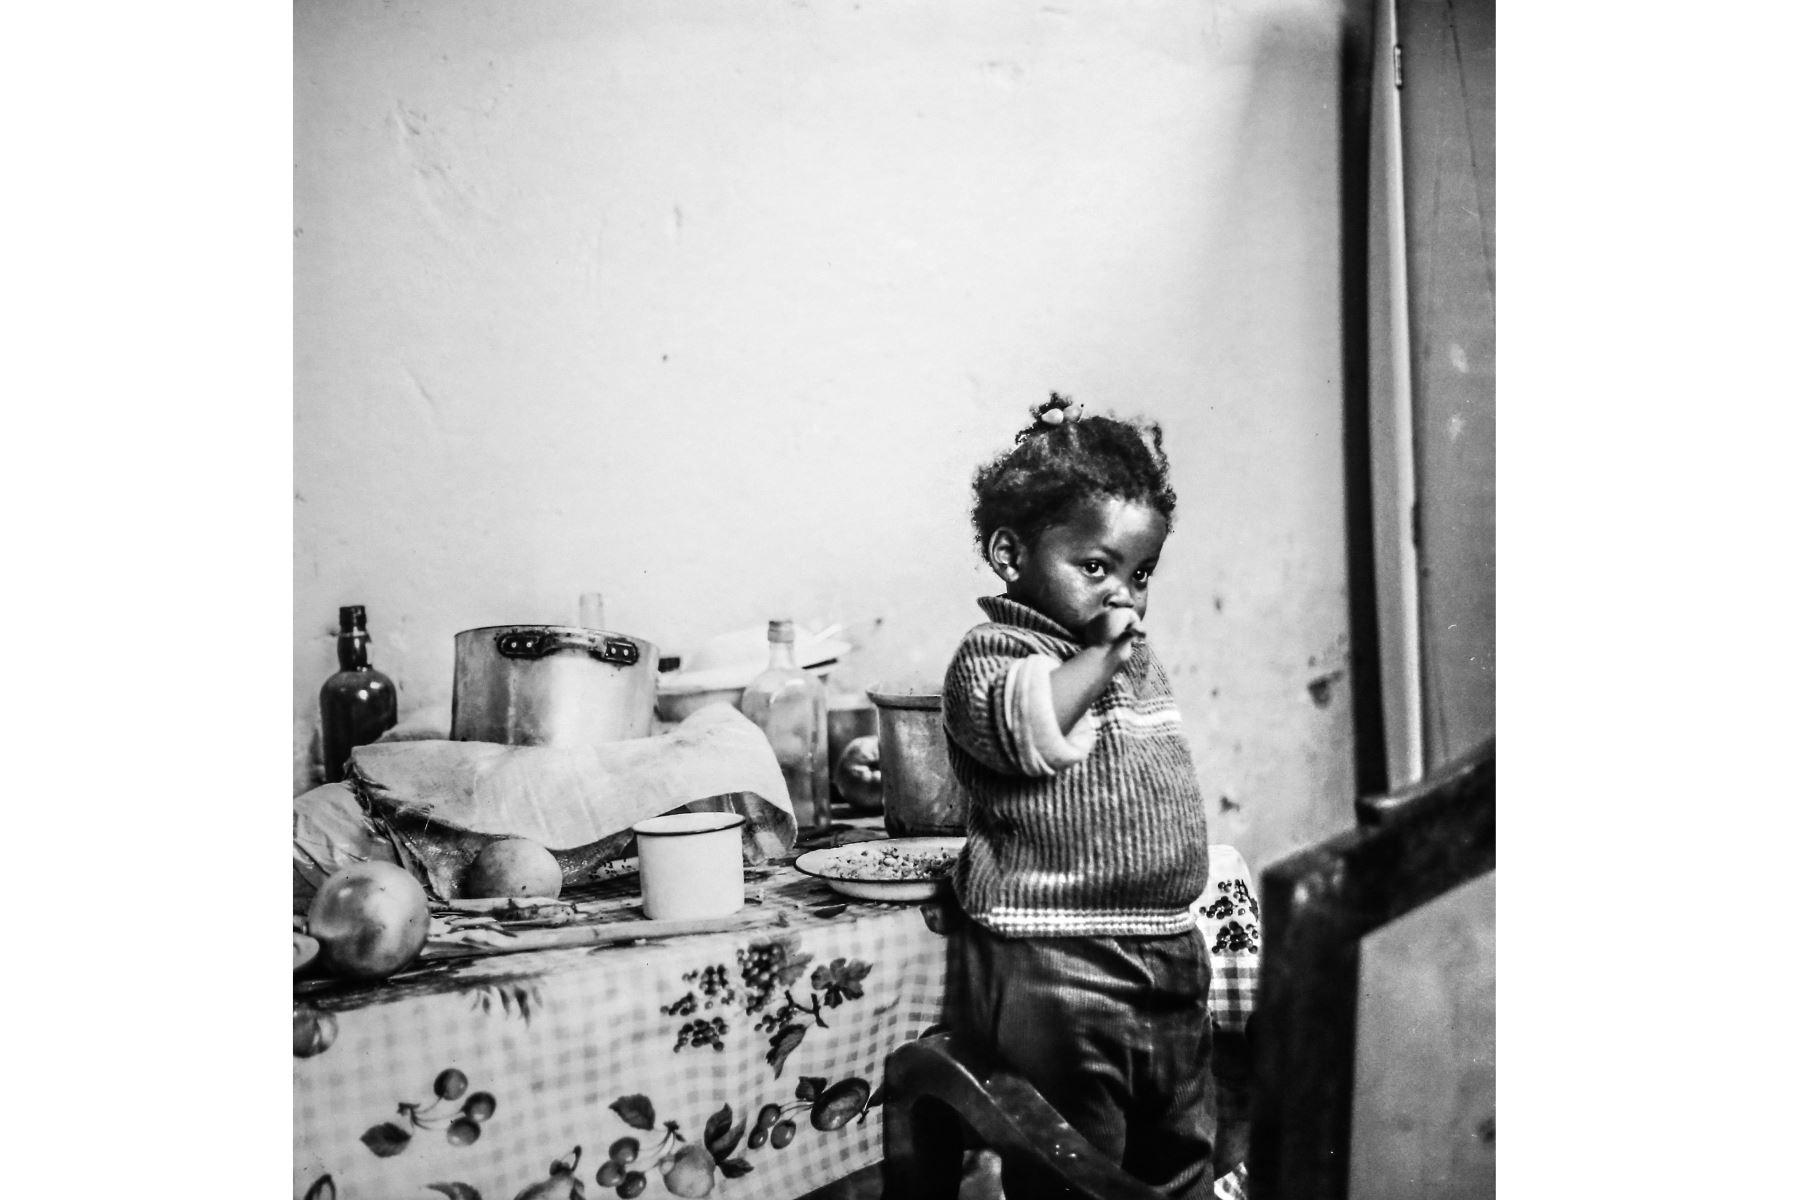 Una de las fotografías favoritas de Beatriz es esa imagen tomada a una niña al lado de la mesa donde se sirve el desayuno. Foto: ANDINA/ Luis Iparraguirre